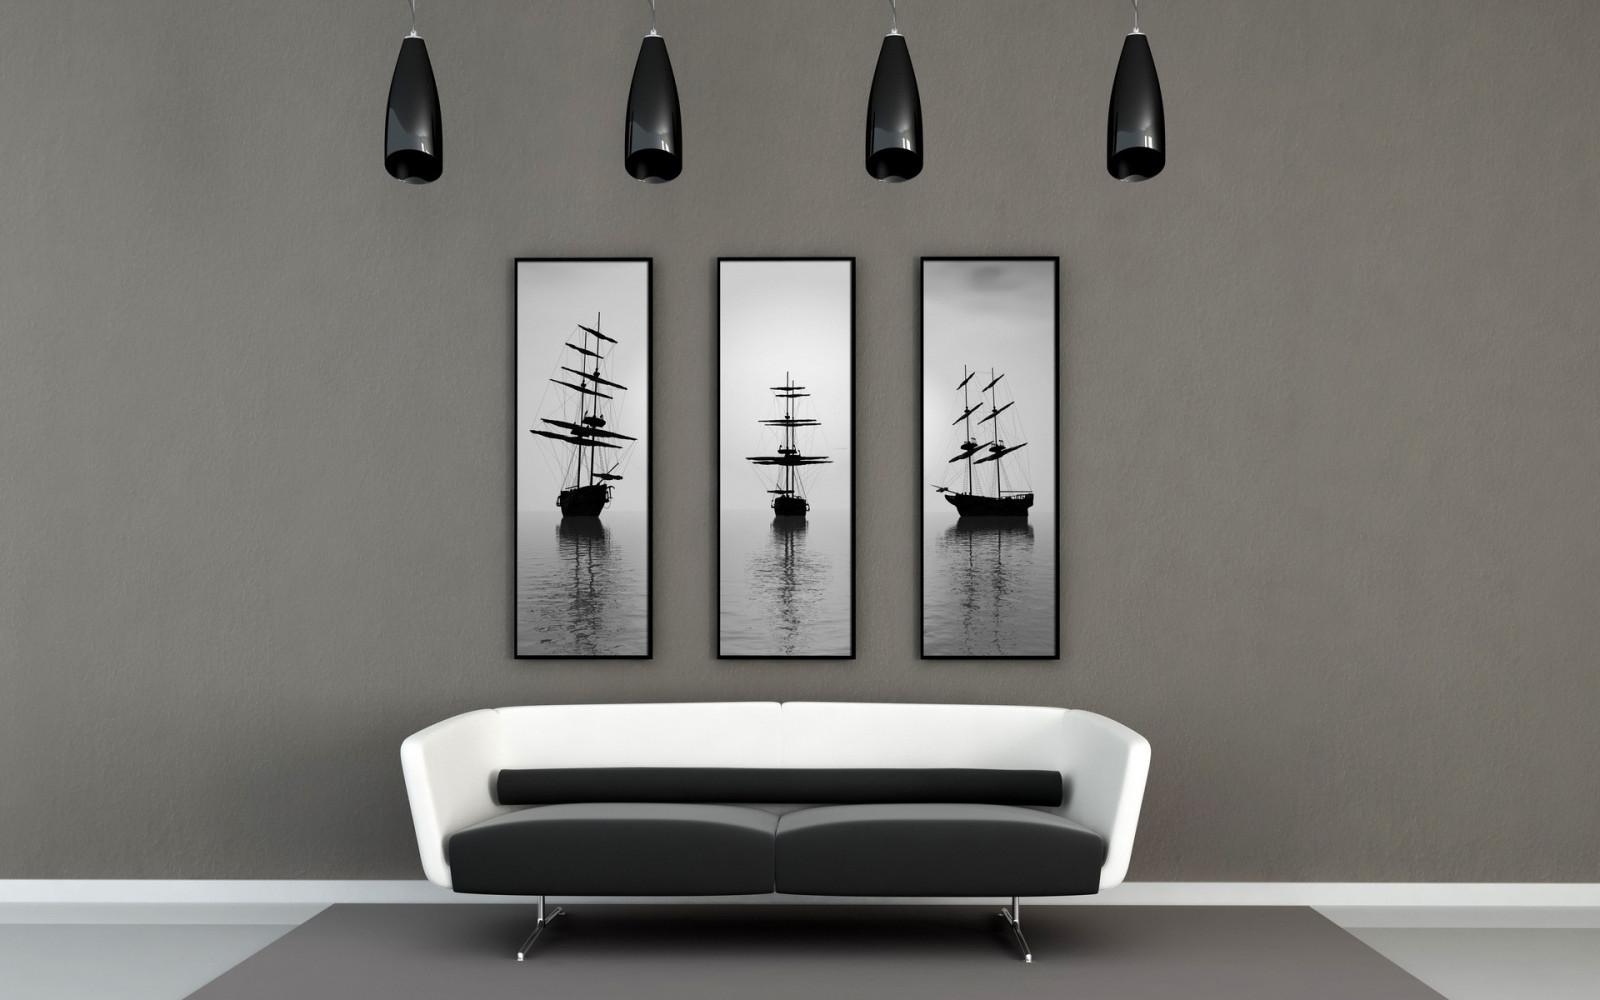 Sfondi : bianca veliero camera parete divano mensola interior